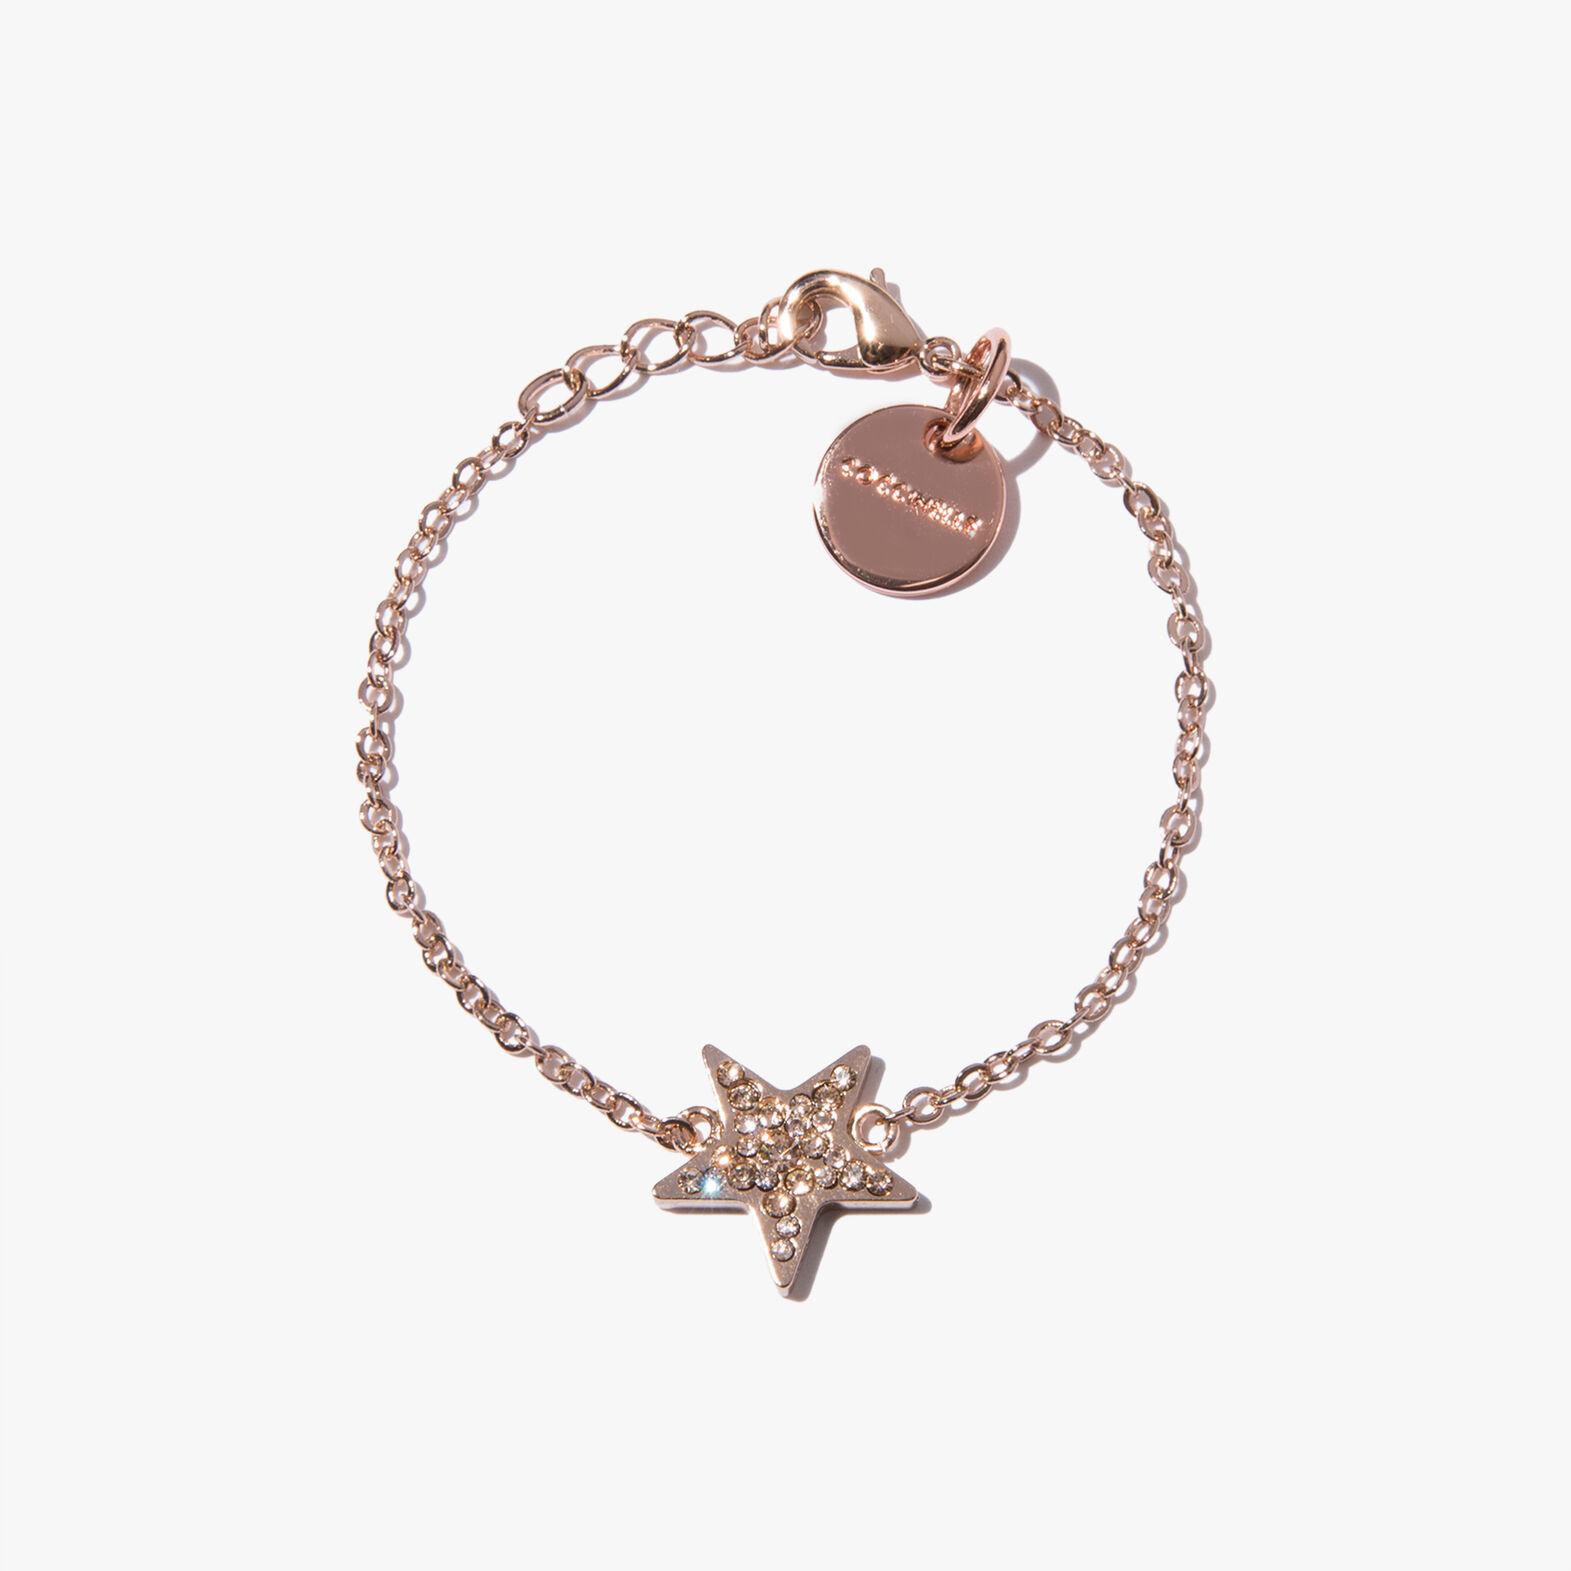 Brass and crystal bracelet